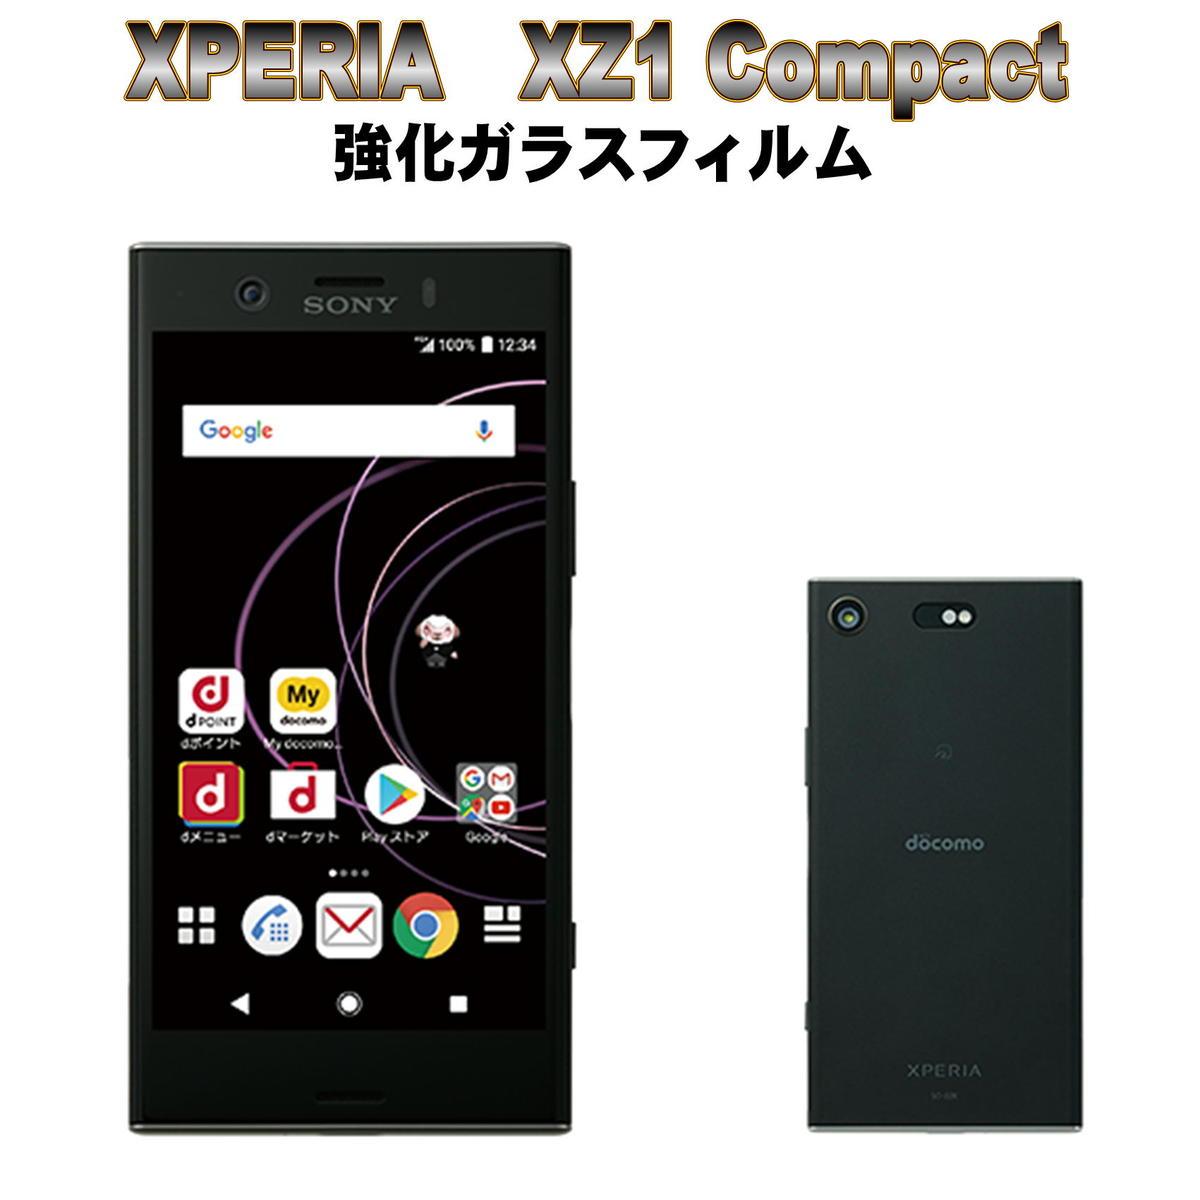 正規認証品 新規格 液晶画面を徹底防御 液晶保護フィルム ガラスフィルム 保護フィルム Android アンドロイド 強化ガラスフィルム 送料0円 SO-02K フィルム Xperia XZ1 Compact